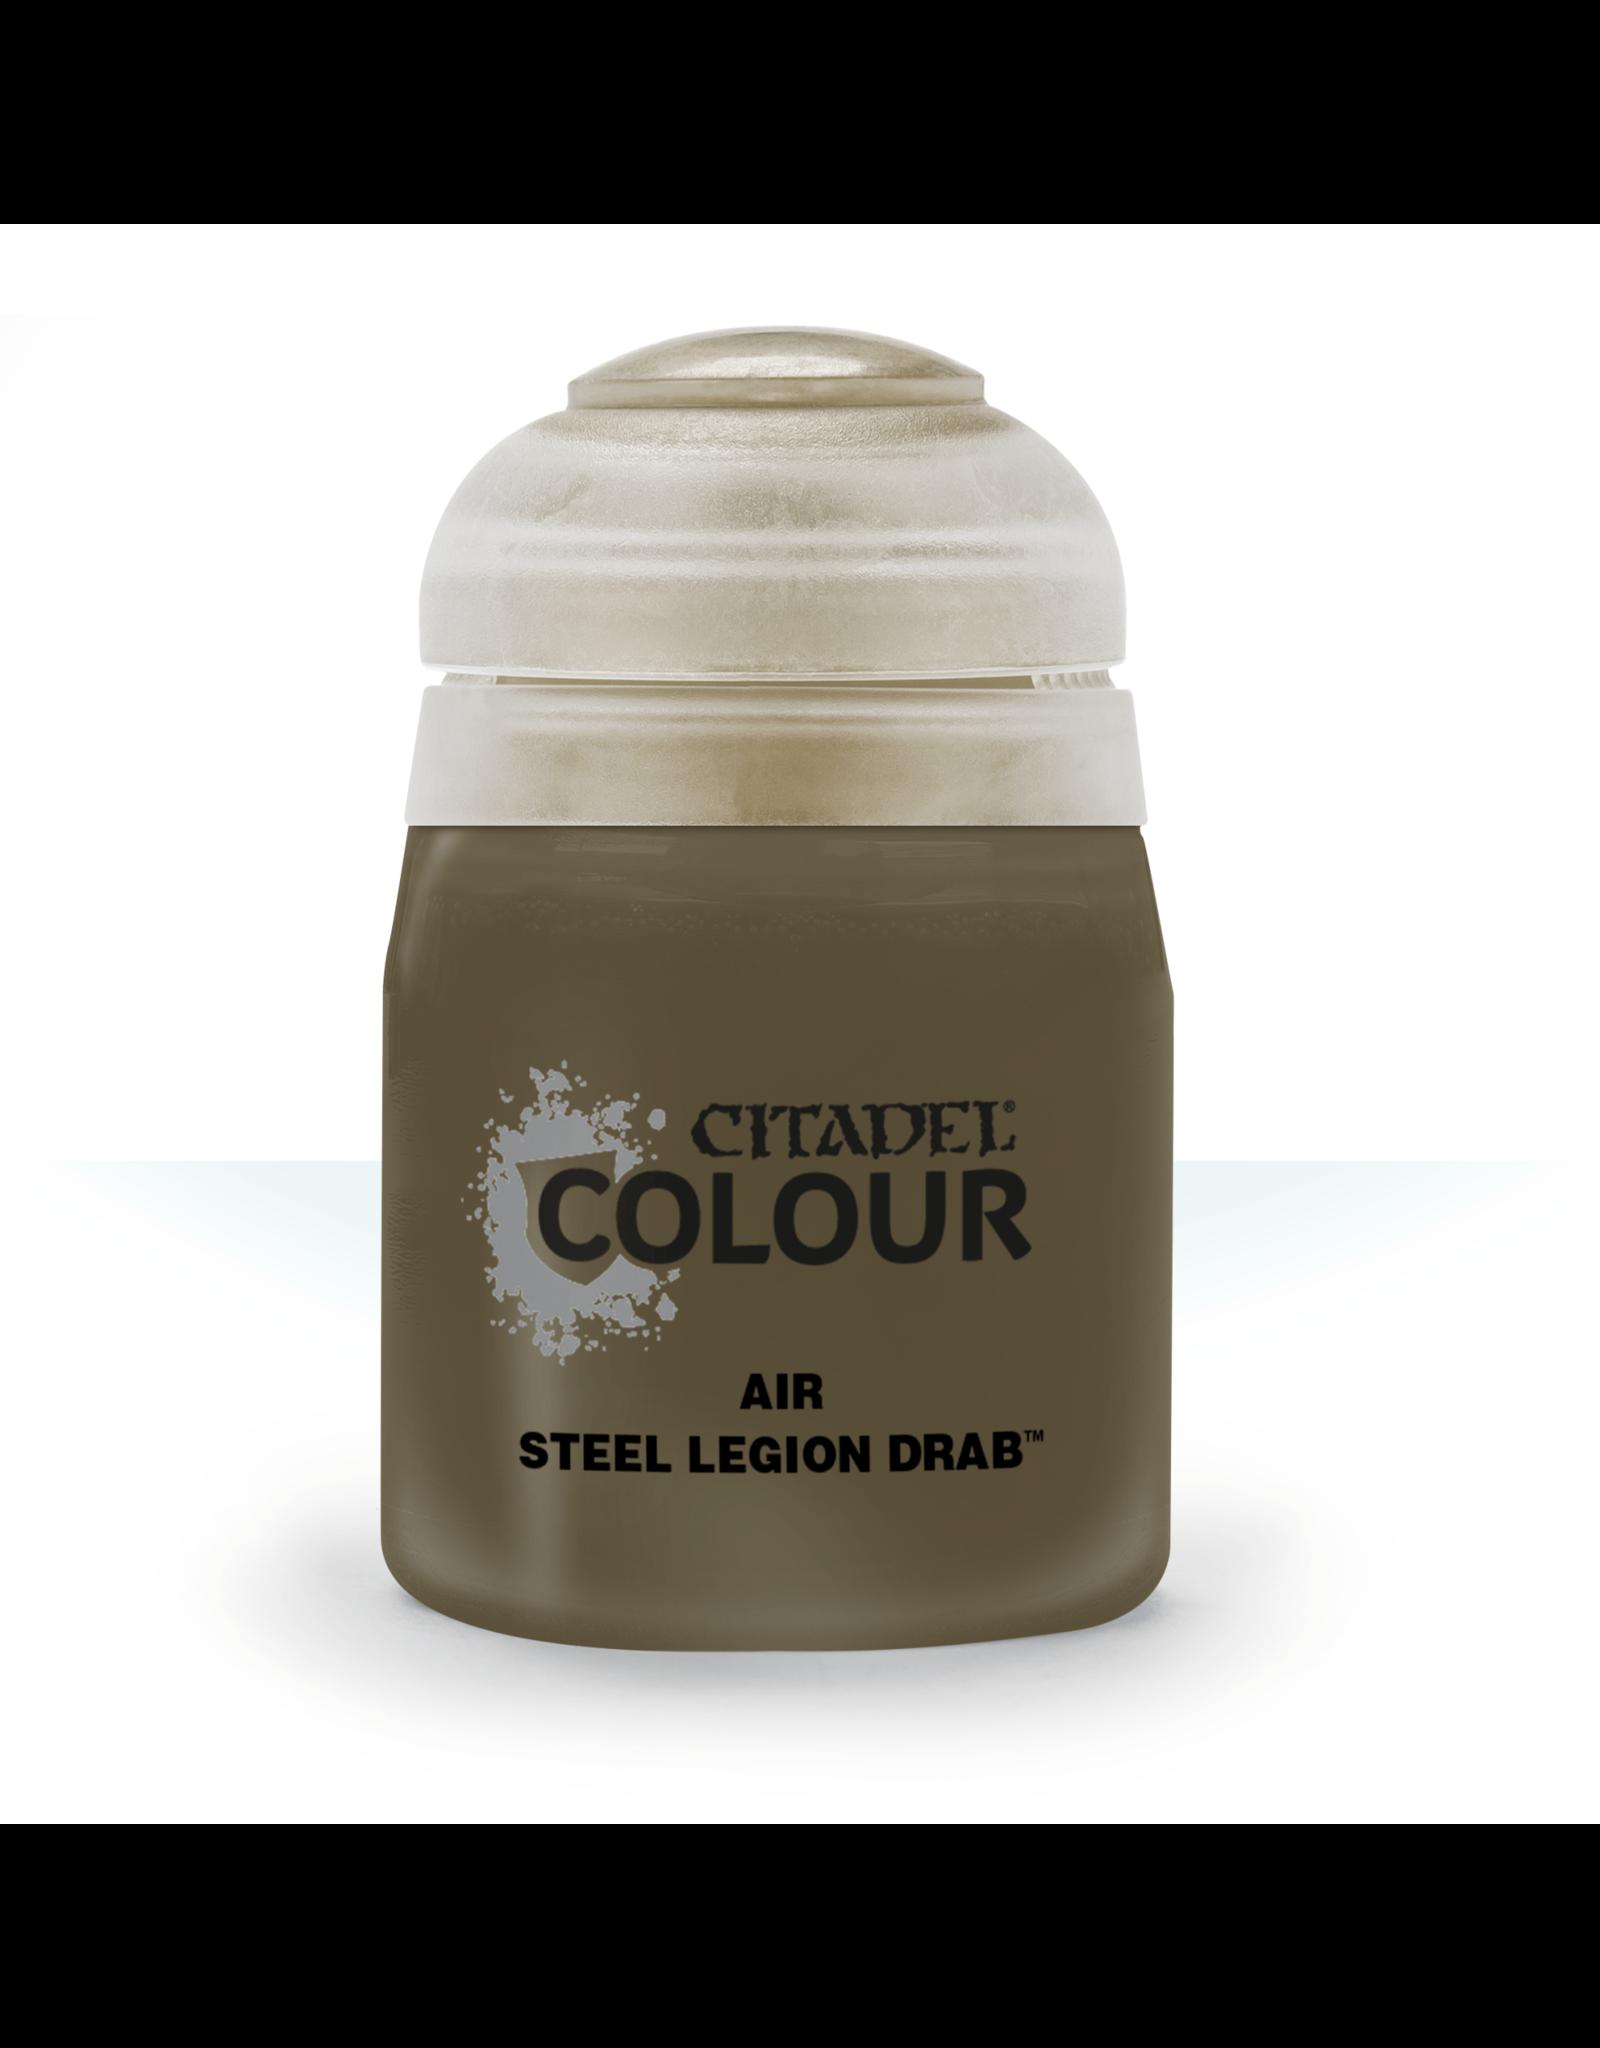 Citadel Citadel Paints Air Paint Steel Legion Drab